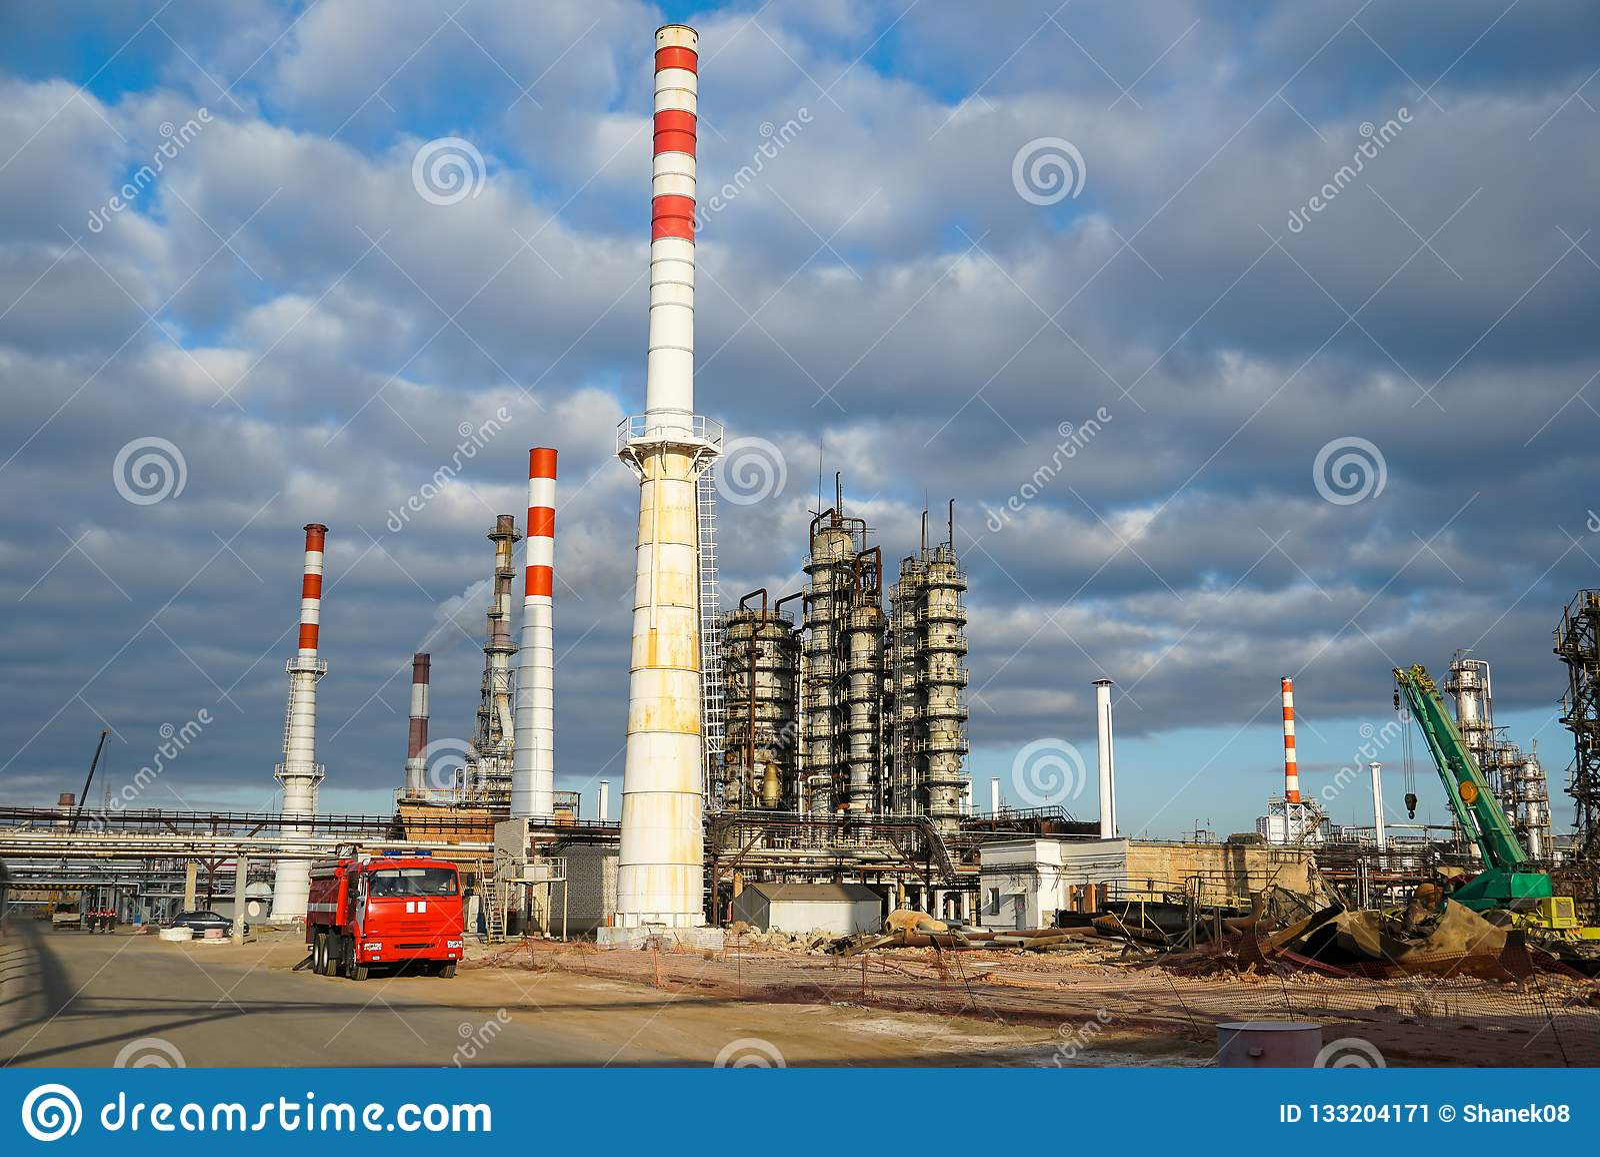 Διάθεση της τεχνολογικής εγκατάστασης για την κατασκευή των ελαφριών προϊόντων πετρελαίου σε εγκαταστάσεις καθαρισμού στη Ρωσία